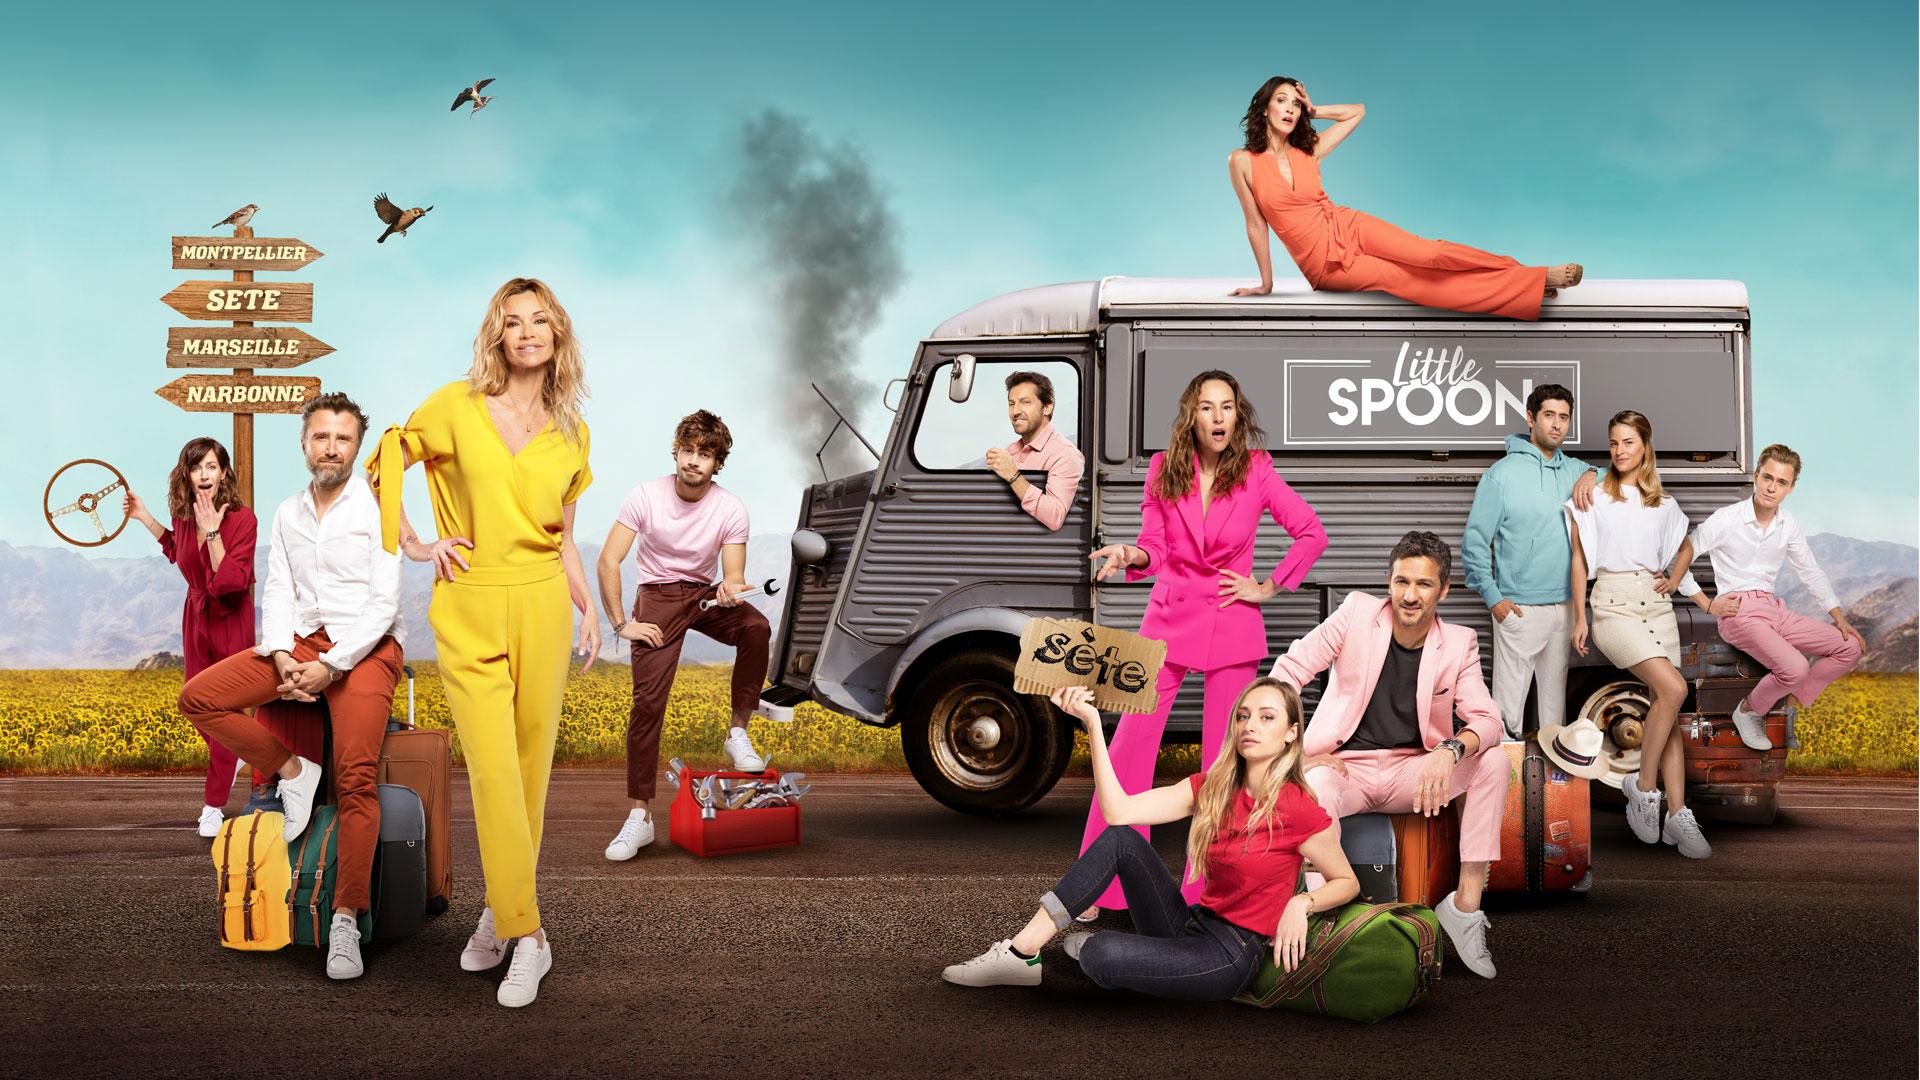 Votre série revient sur vos écrans dès le 15 juin à 19h10 sur TF1.